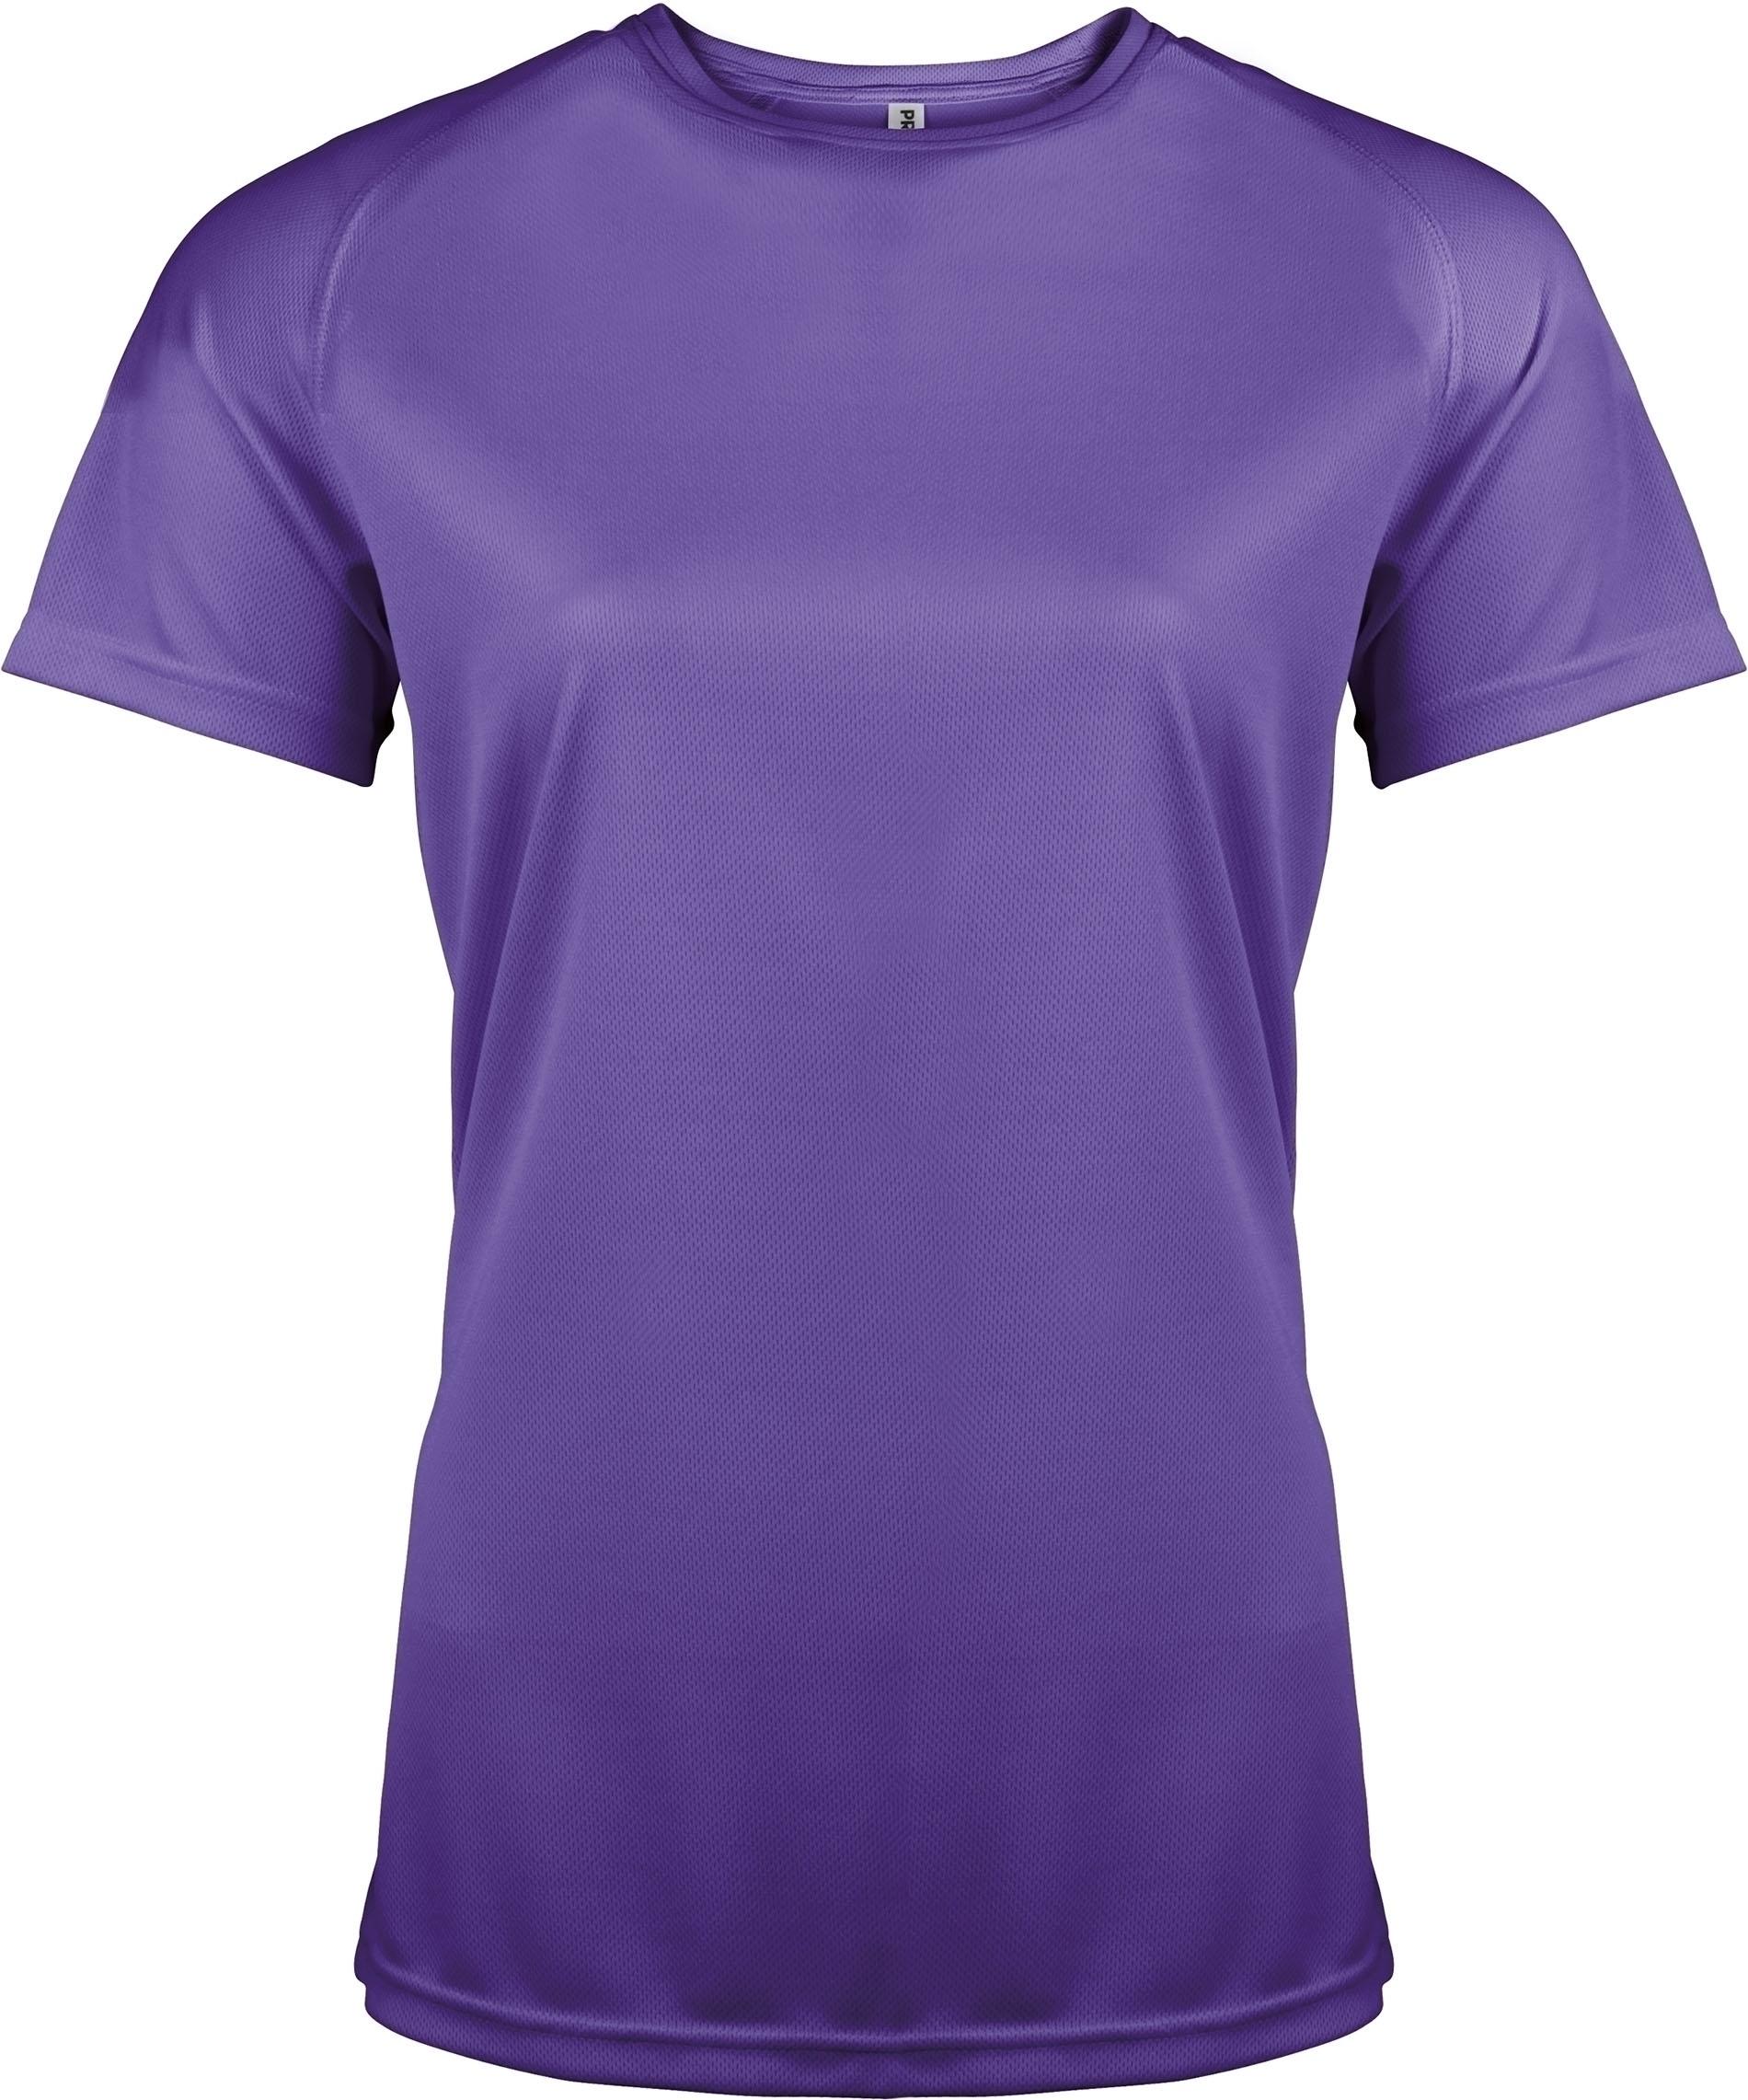 t shirt sport manches courtes femme proact violet gladiasport. Black Bedroom Furniture Sets. Home Design Ideas